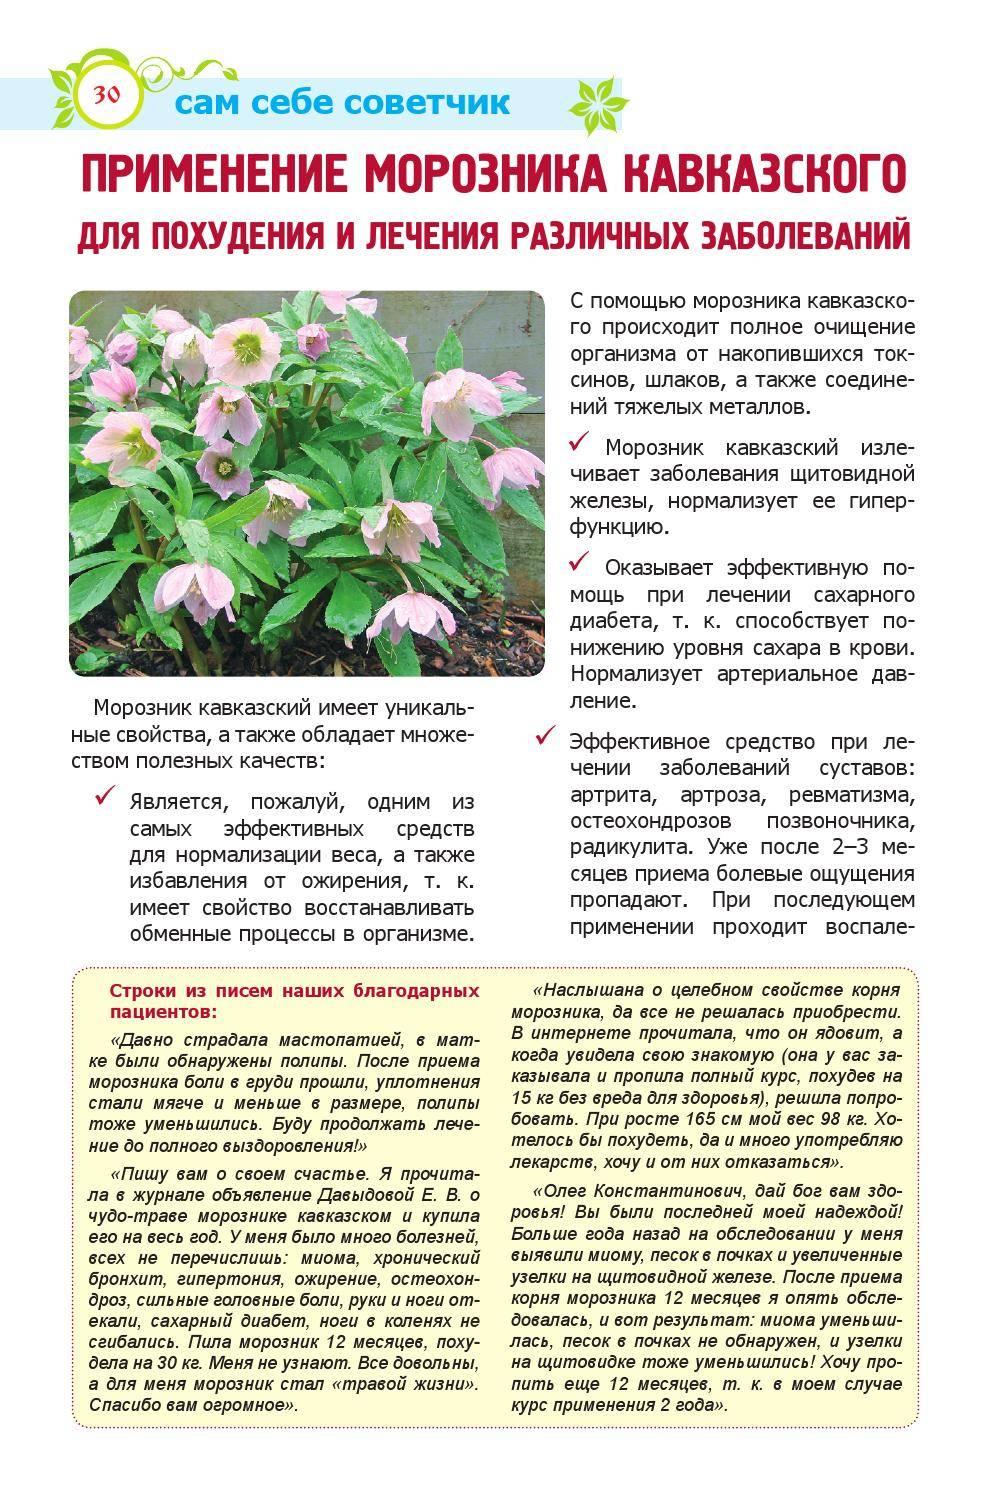 Морозник кавказский (35 фото): описание. где растет трава и как выращивать самостоятельно? посадка и уход за цветами